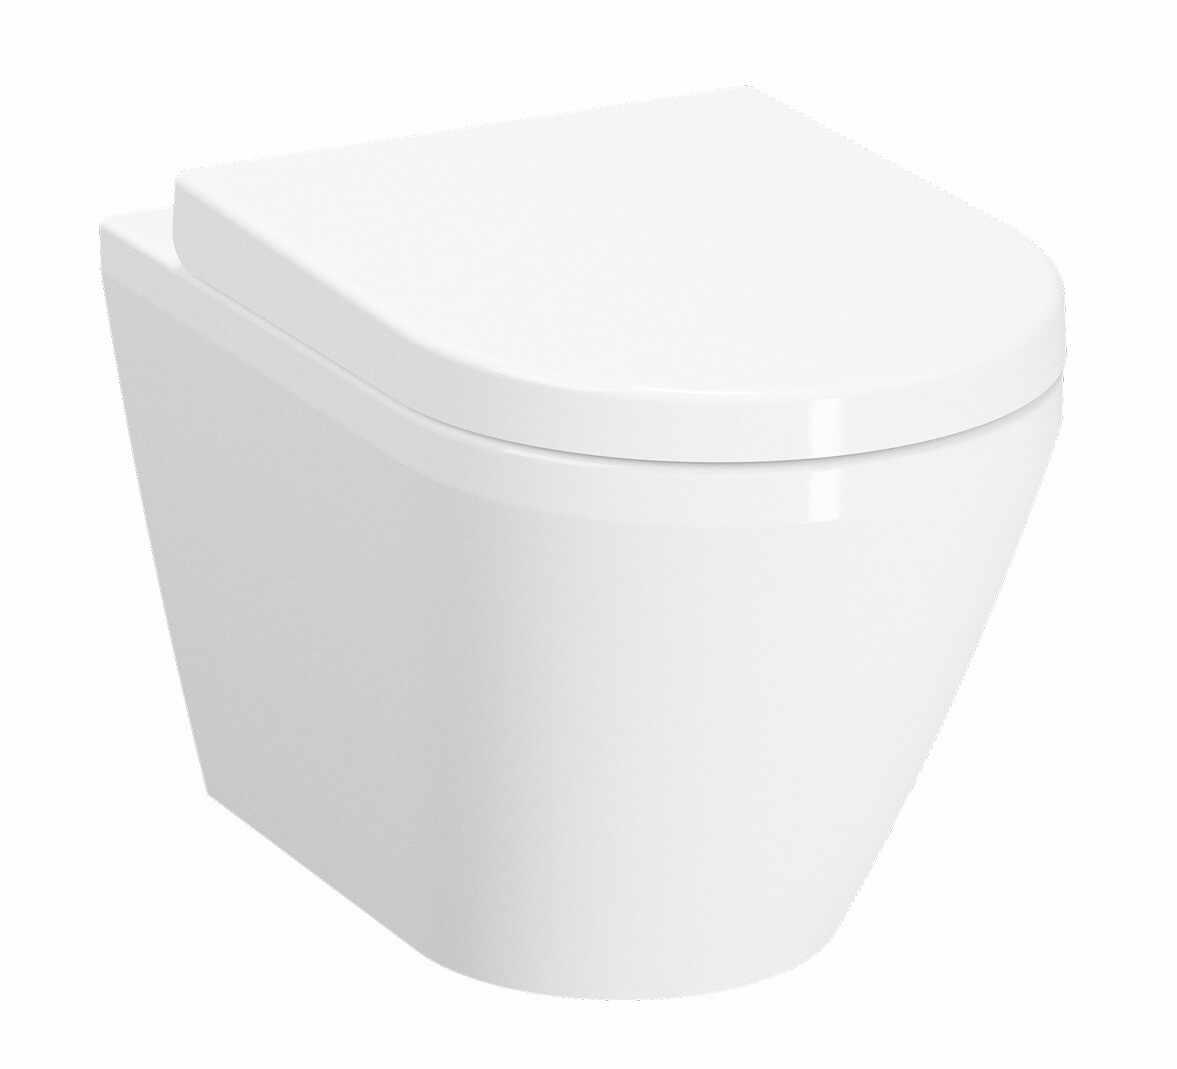 Vas WC suspendat Vitra Integra 54 cm Rim-Ex cu functie de bideu si prinderi ascunse la pret 998.01 lei